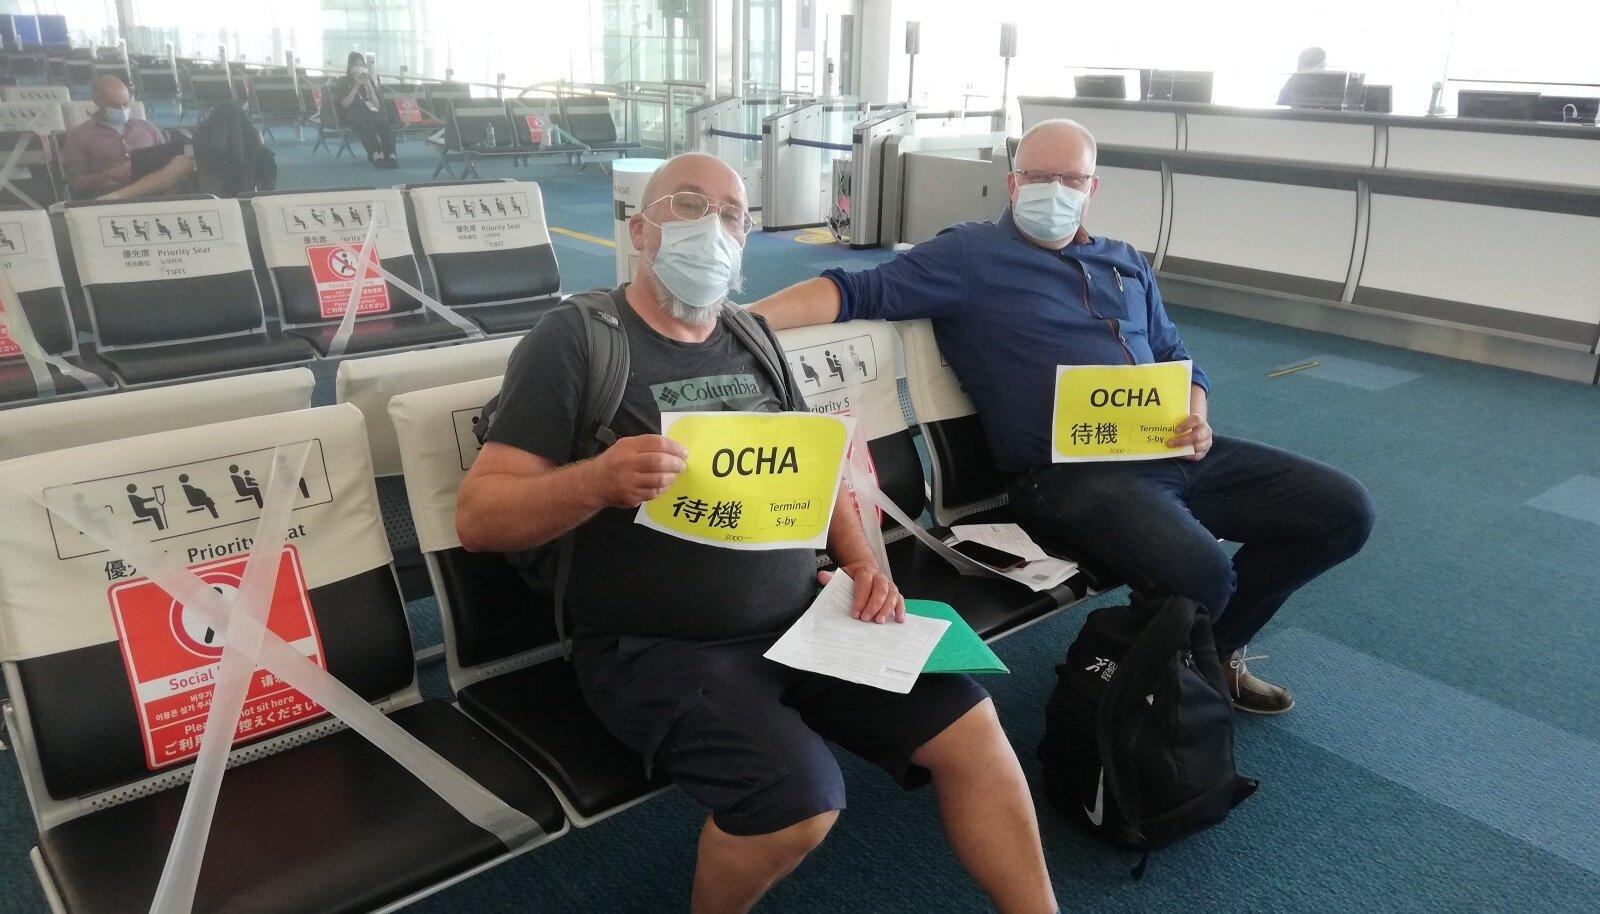 Jaan ja Peep tutvustavad kõige tähtsamat paberit, mis näitab, et neil töötab OCHA äpp nii, nagu peab.